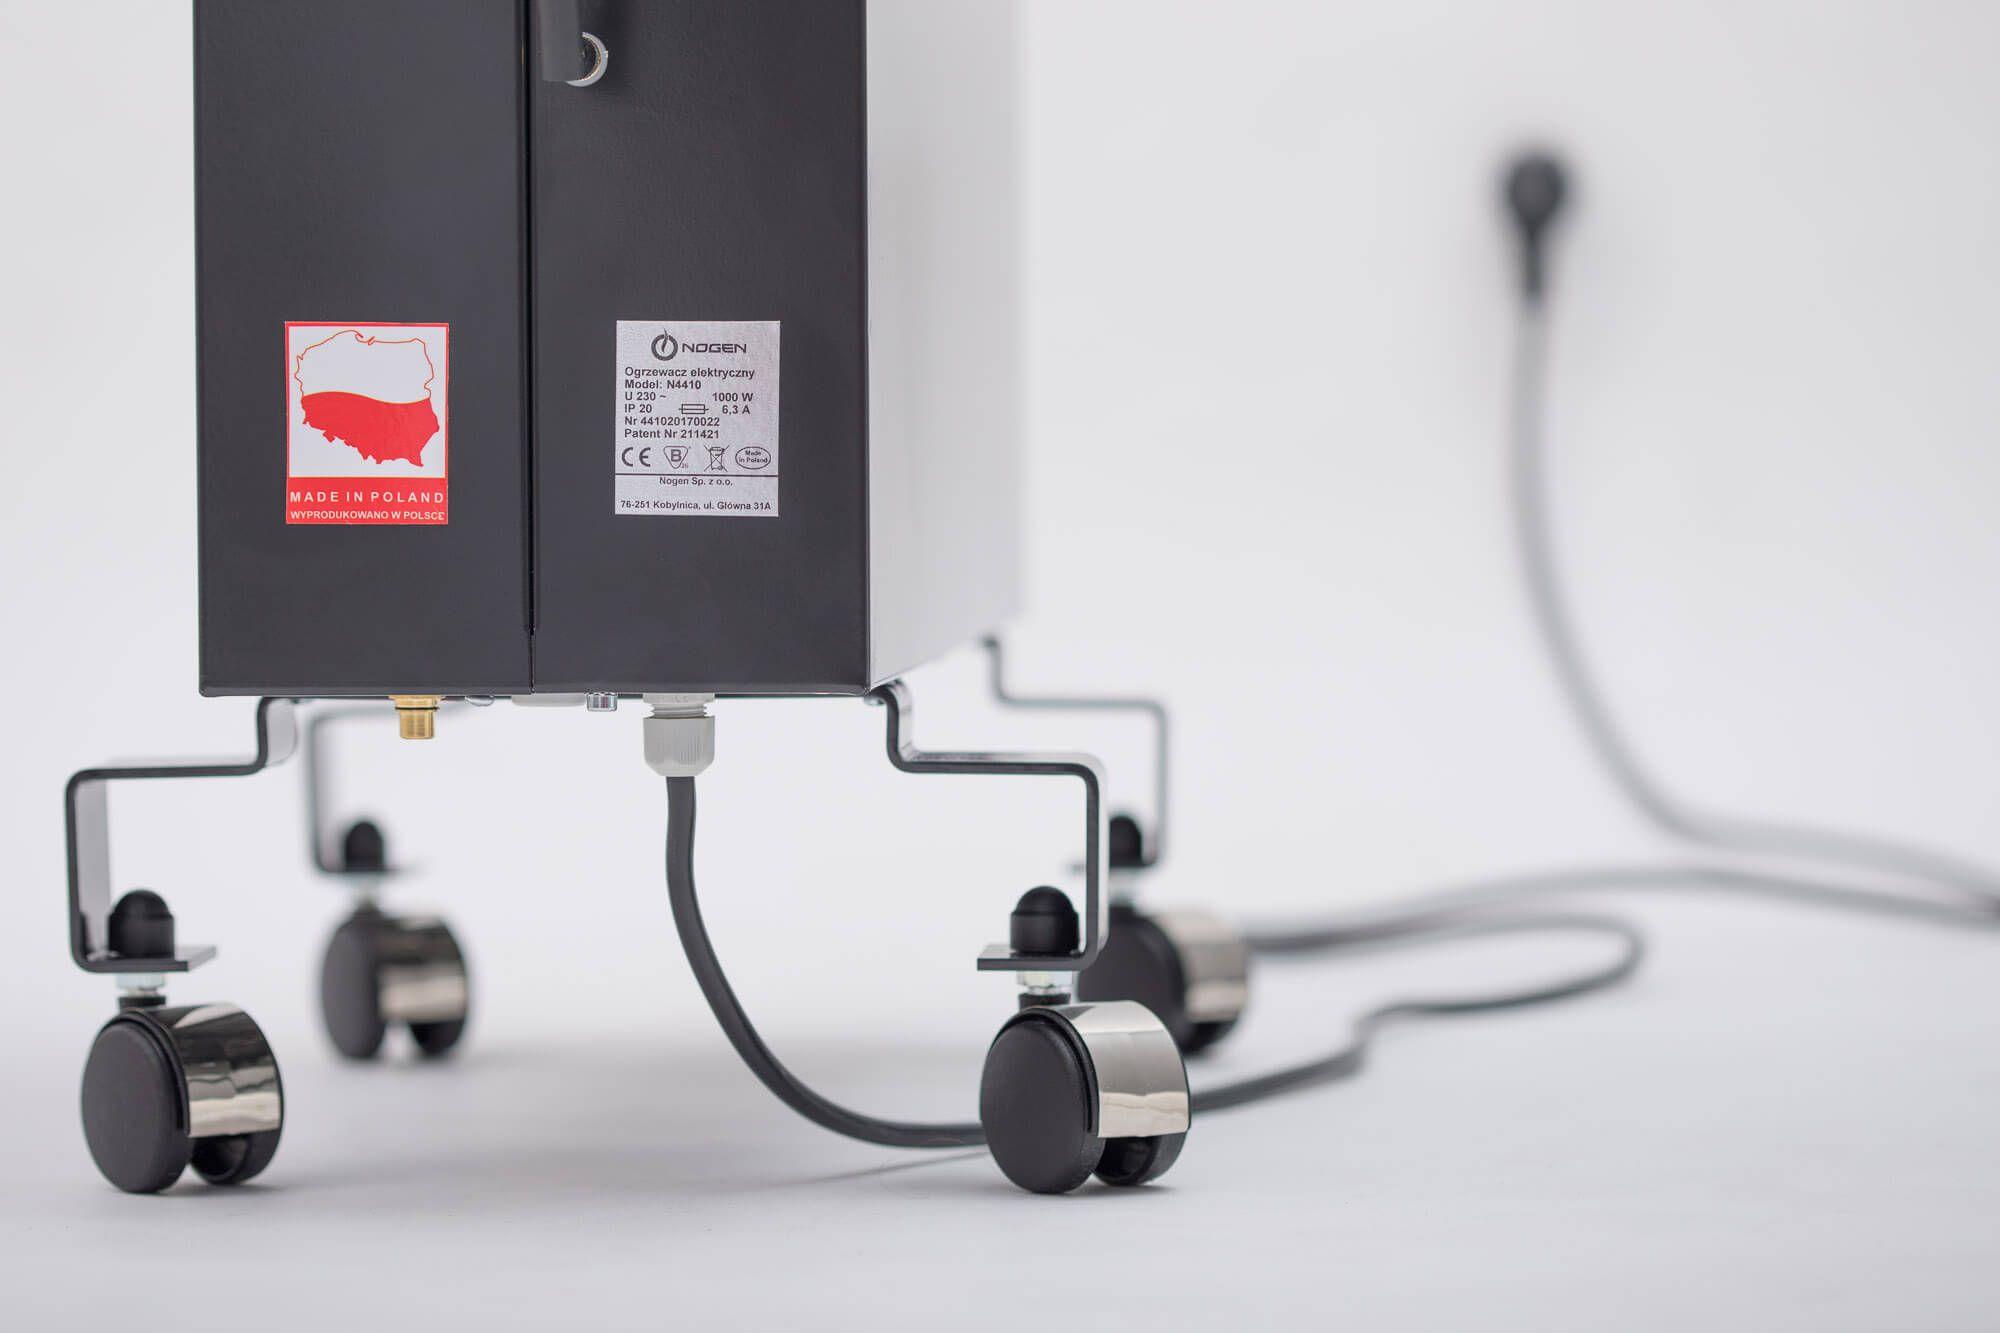 Grafitowy grzejnik NOGEN w wersji mobilnej na stopkach podłączony do zasilania.